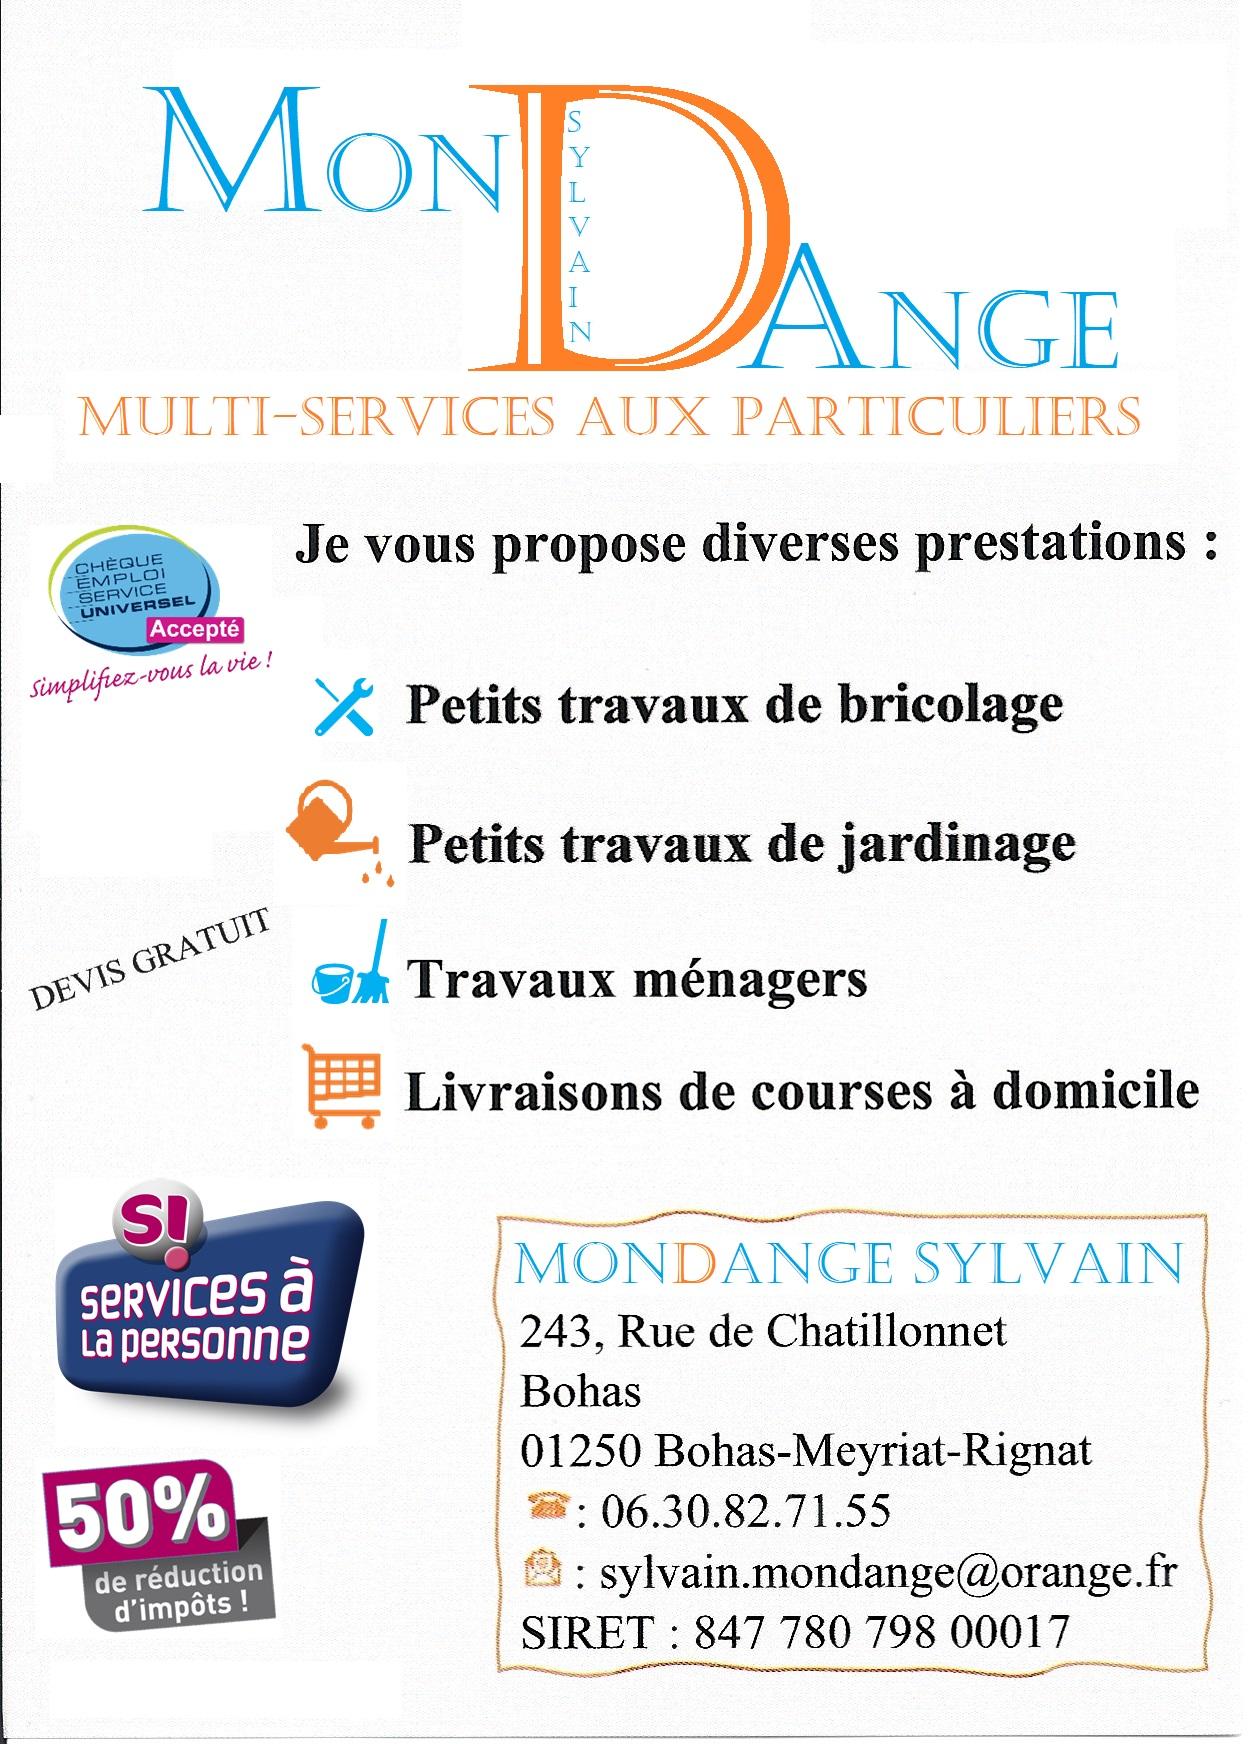 Mondange Sylvain Multi-services à Bourg en Bresse